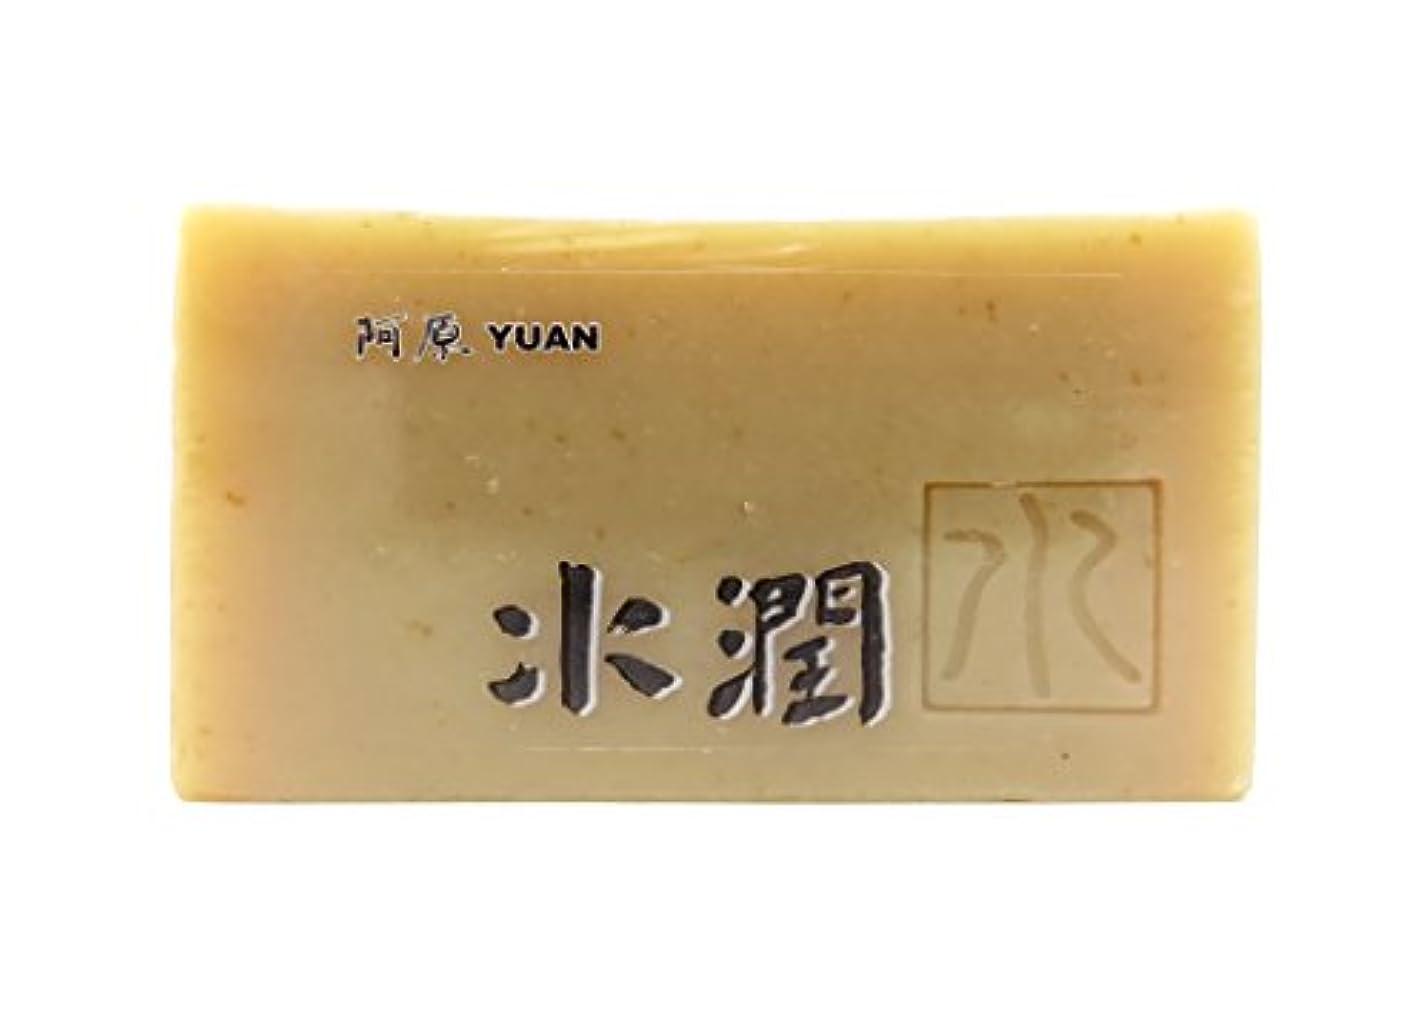 透明に強制的寛大なユアン(YUAN)水潤(すいじゅん)ソープ 固形 100g (阿原 ユアンソープ)